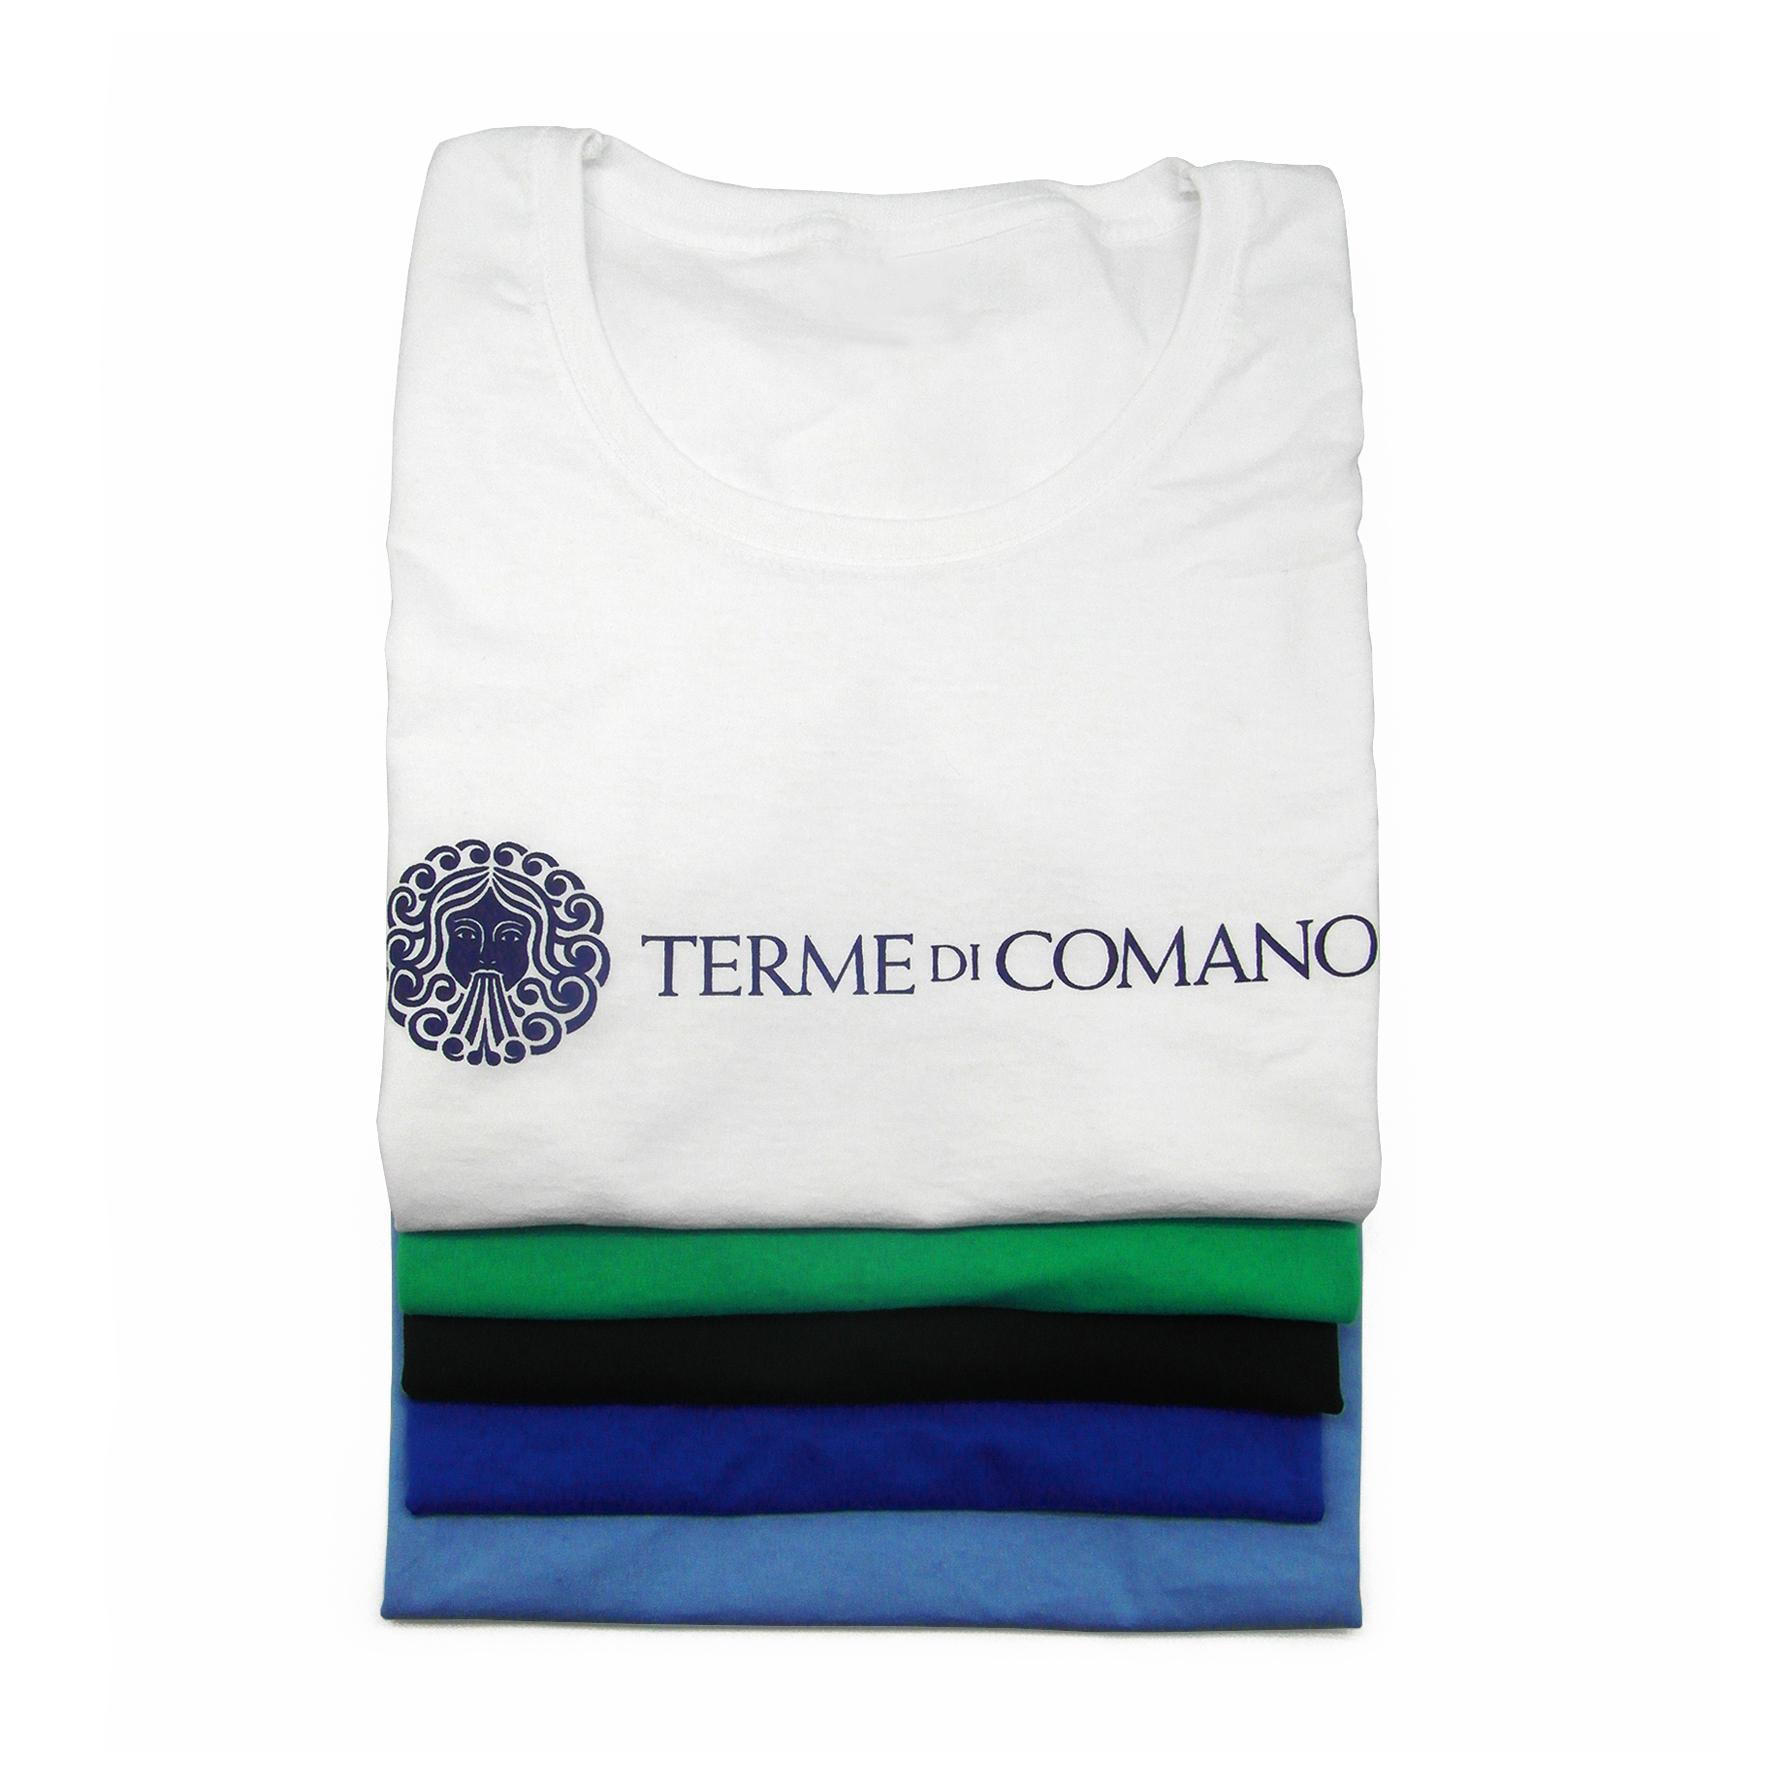 t-shirt-adulto-terme-di-comano (2)